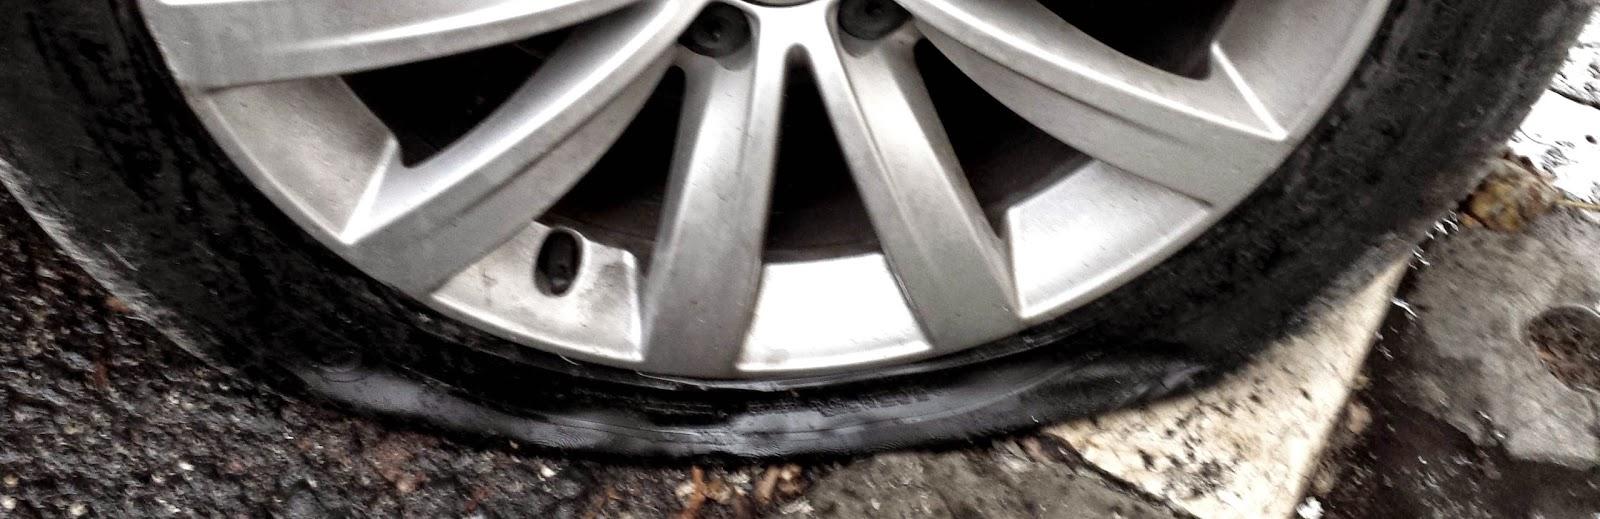 Resultado de imagem para carros pneus furados